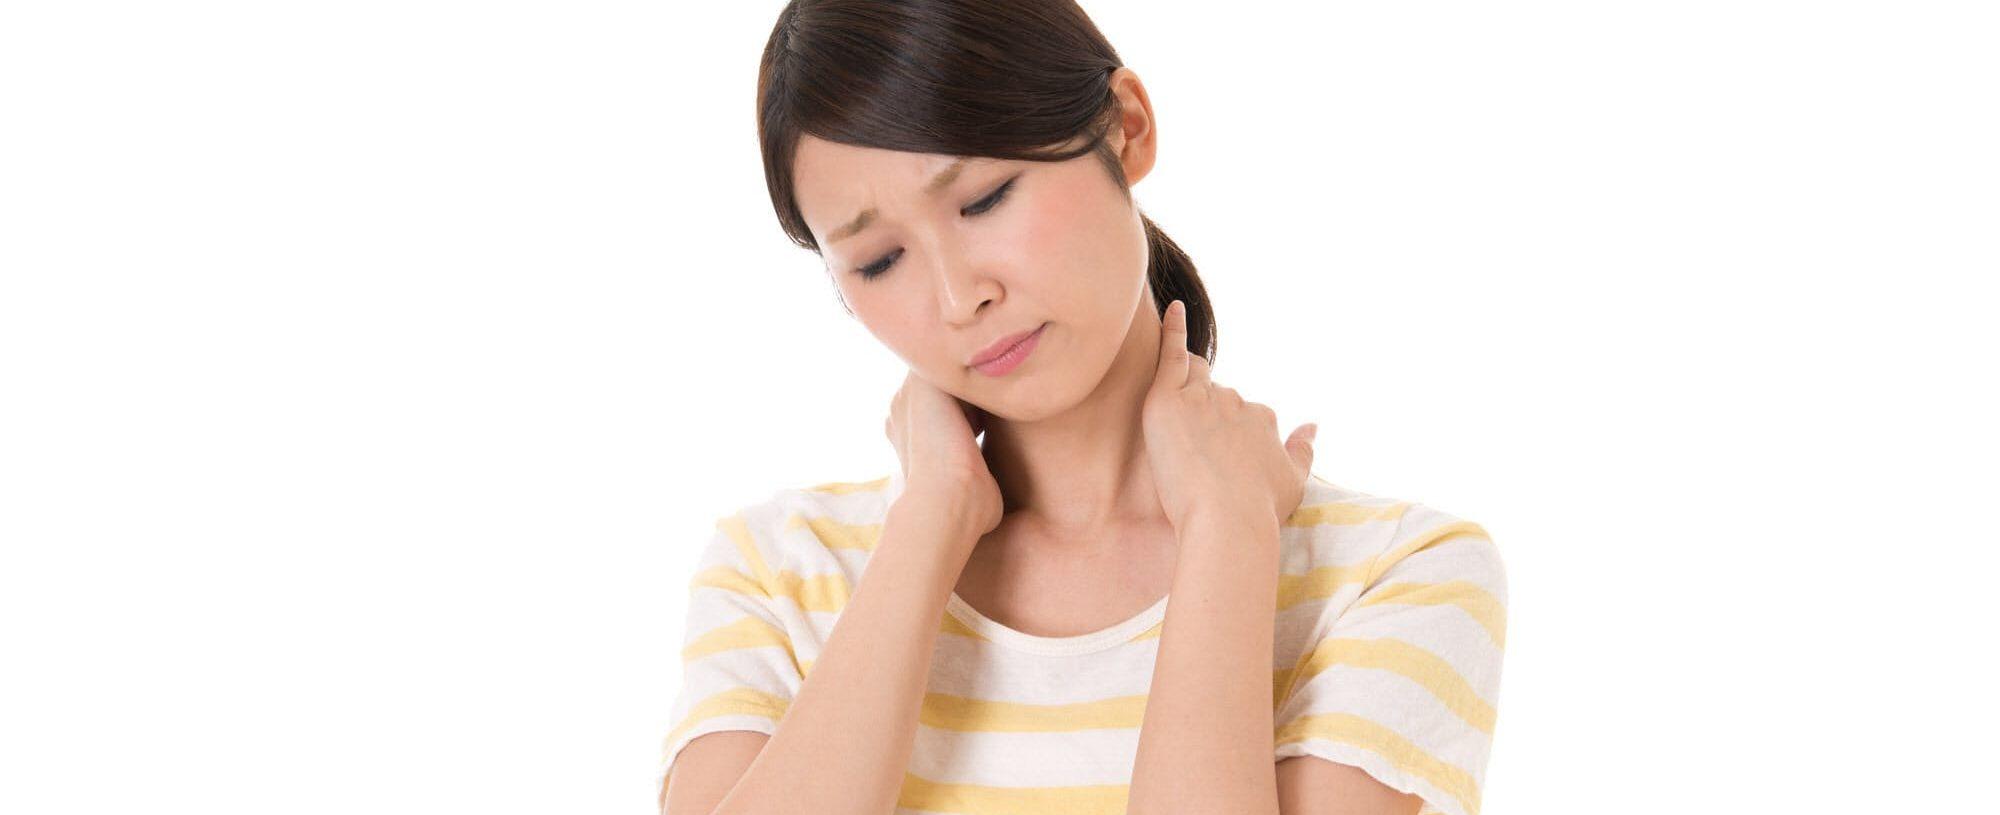 痺れの症状は、仙台市若林区おきの鍼灸整骨院へ